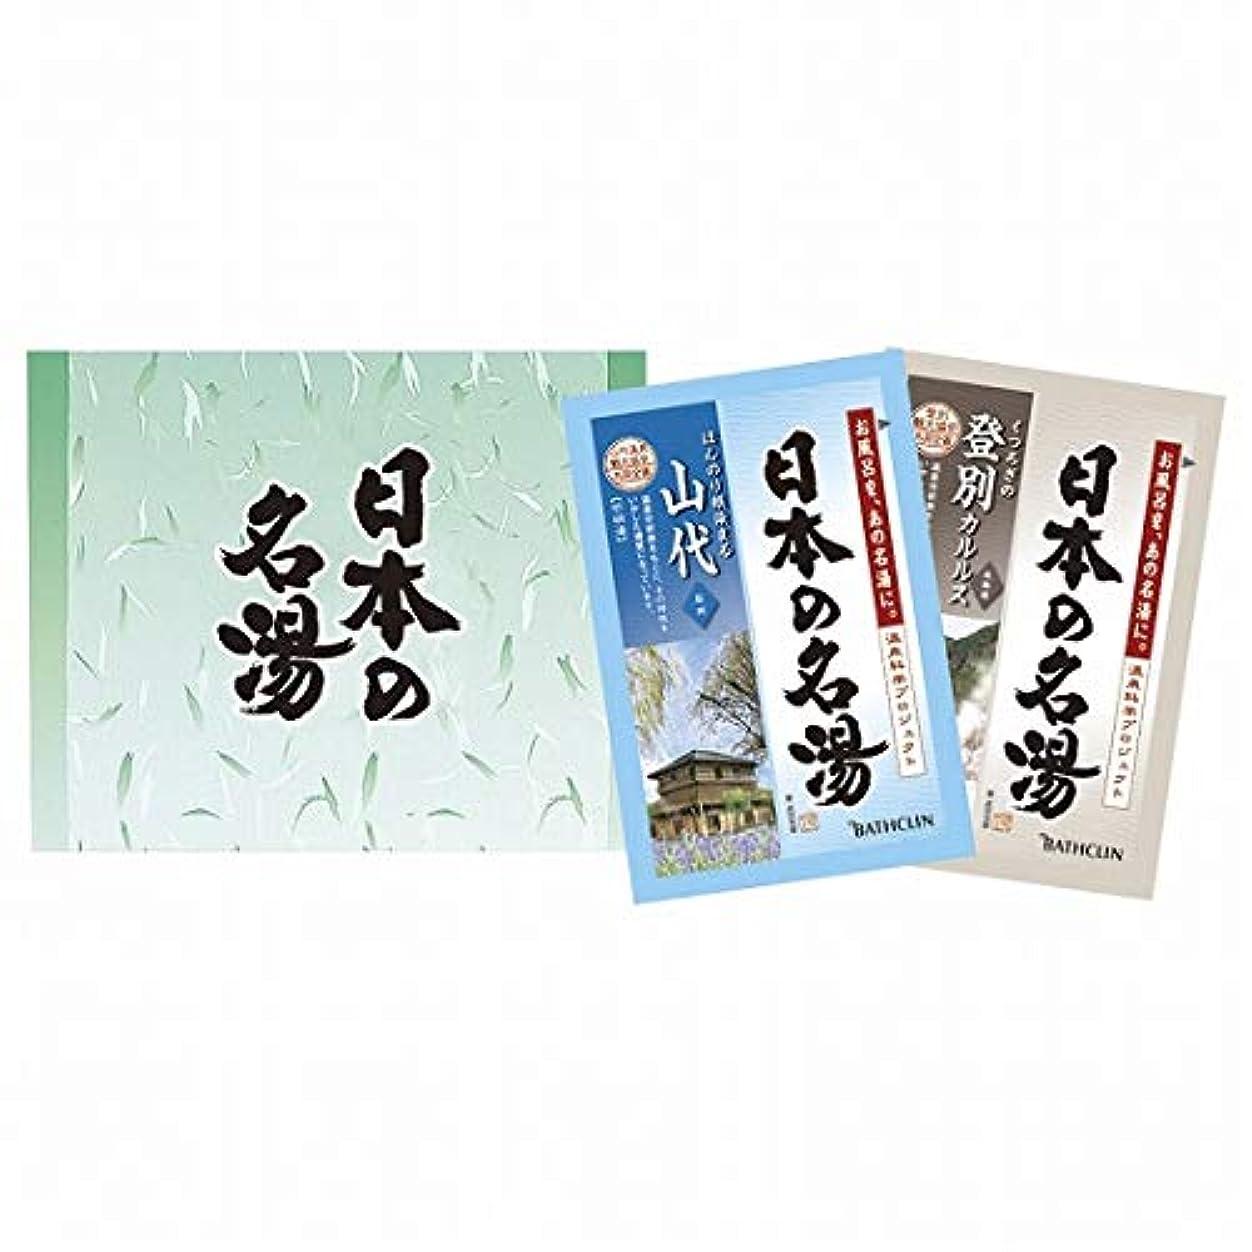 他の場所ユーザー超越する日本の名湯2包セット